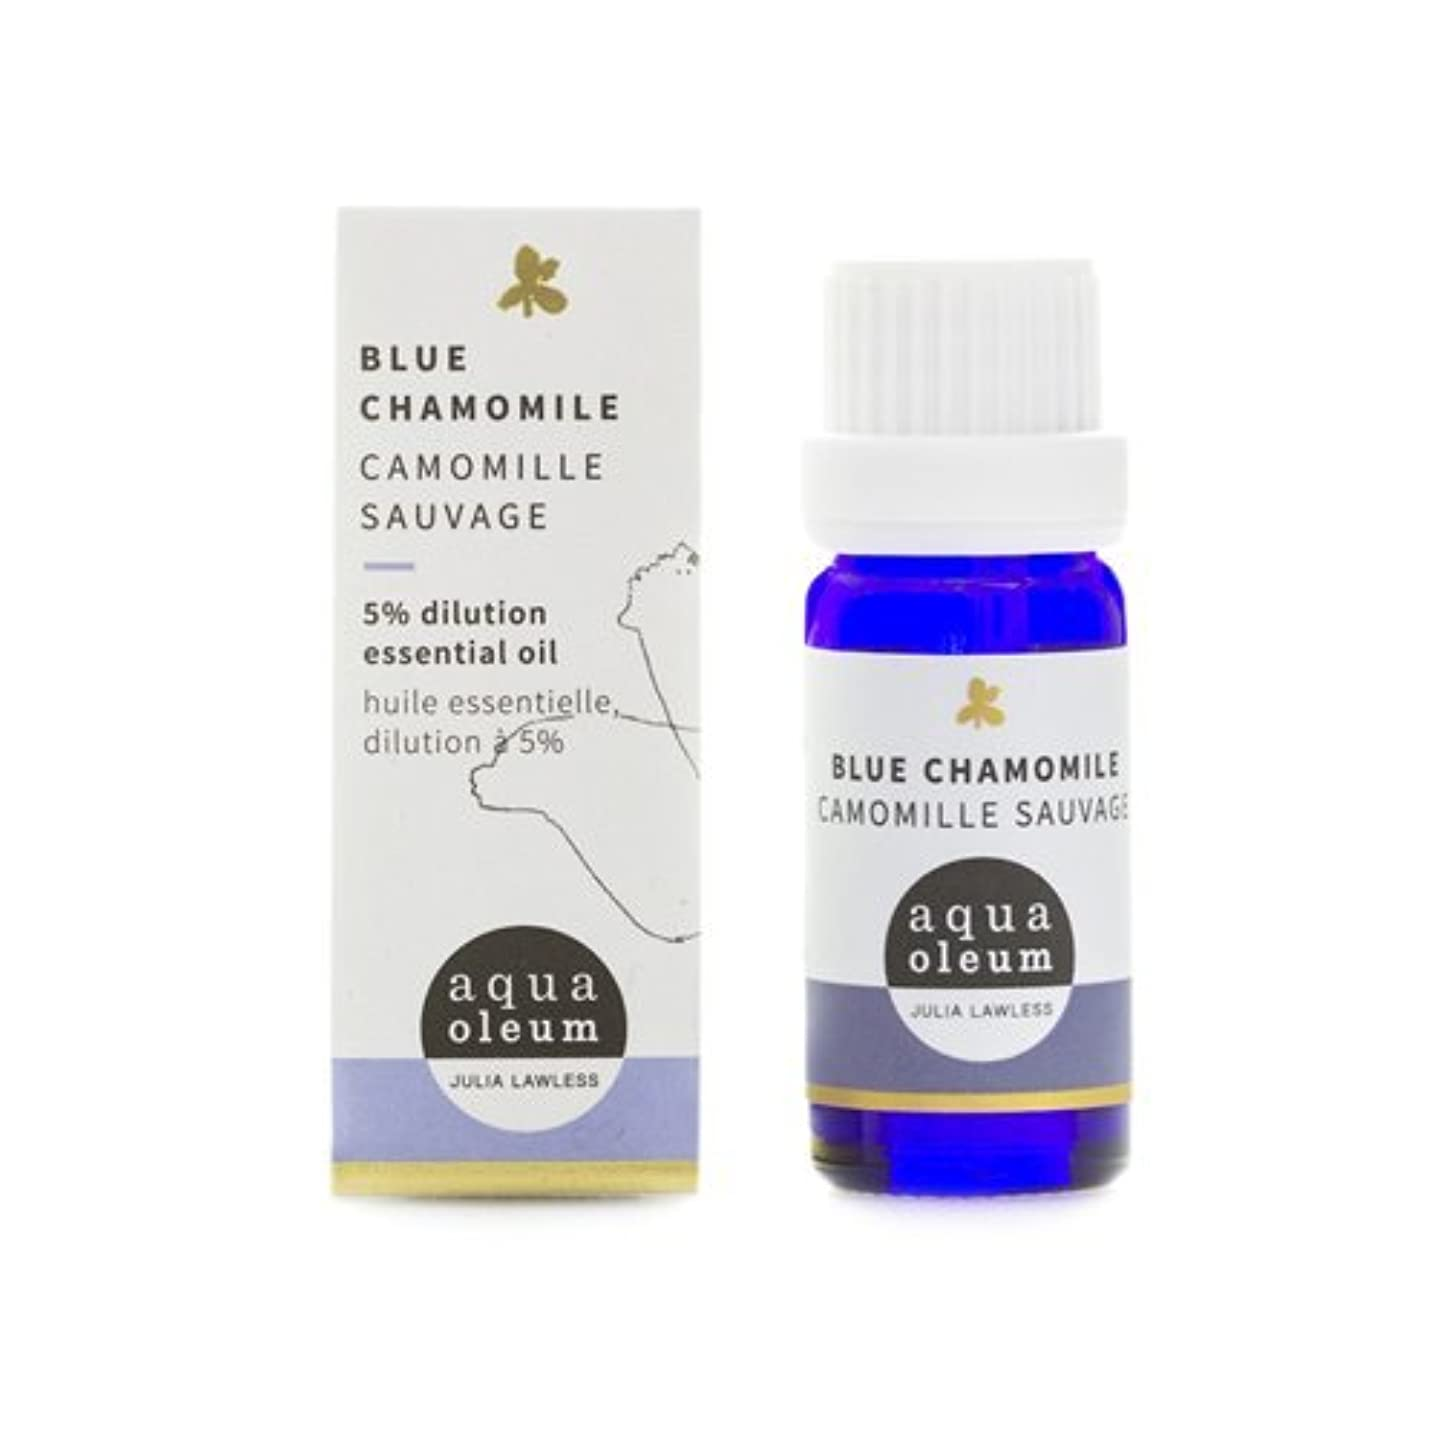 夜履歴書百年アクアオレウム ブレンドオイル  ジャーマンカモミール 5%ココナッツオイル希釈  10ml(精油)